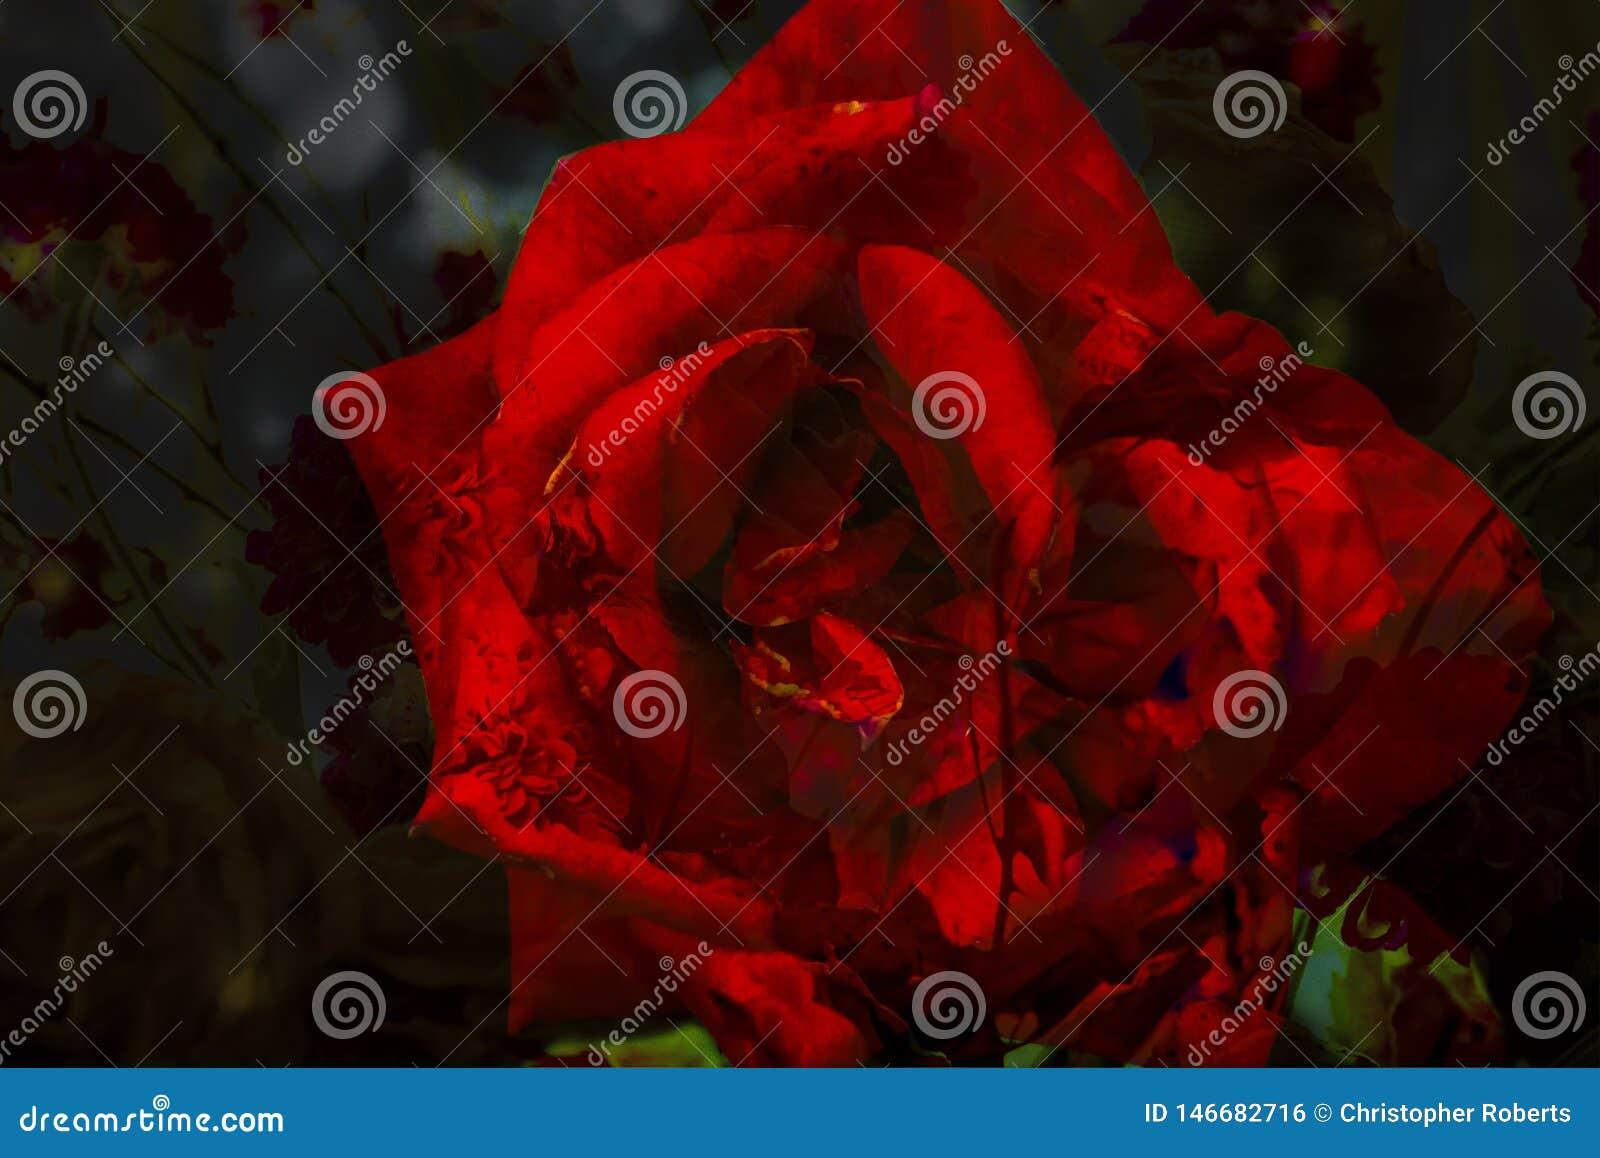 Sumário Rose Flower Patterns com cores vibrantes